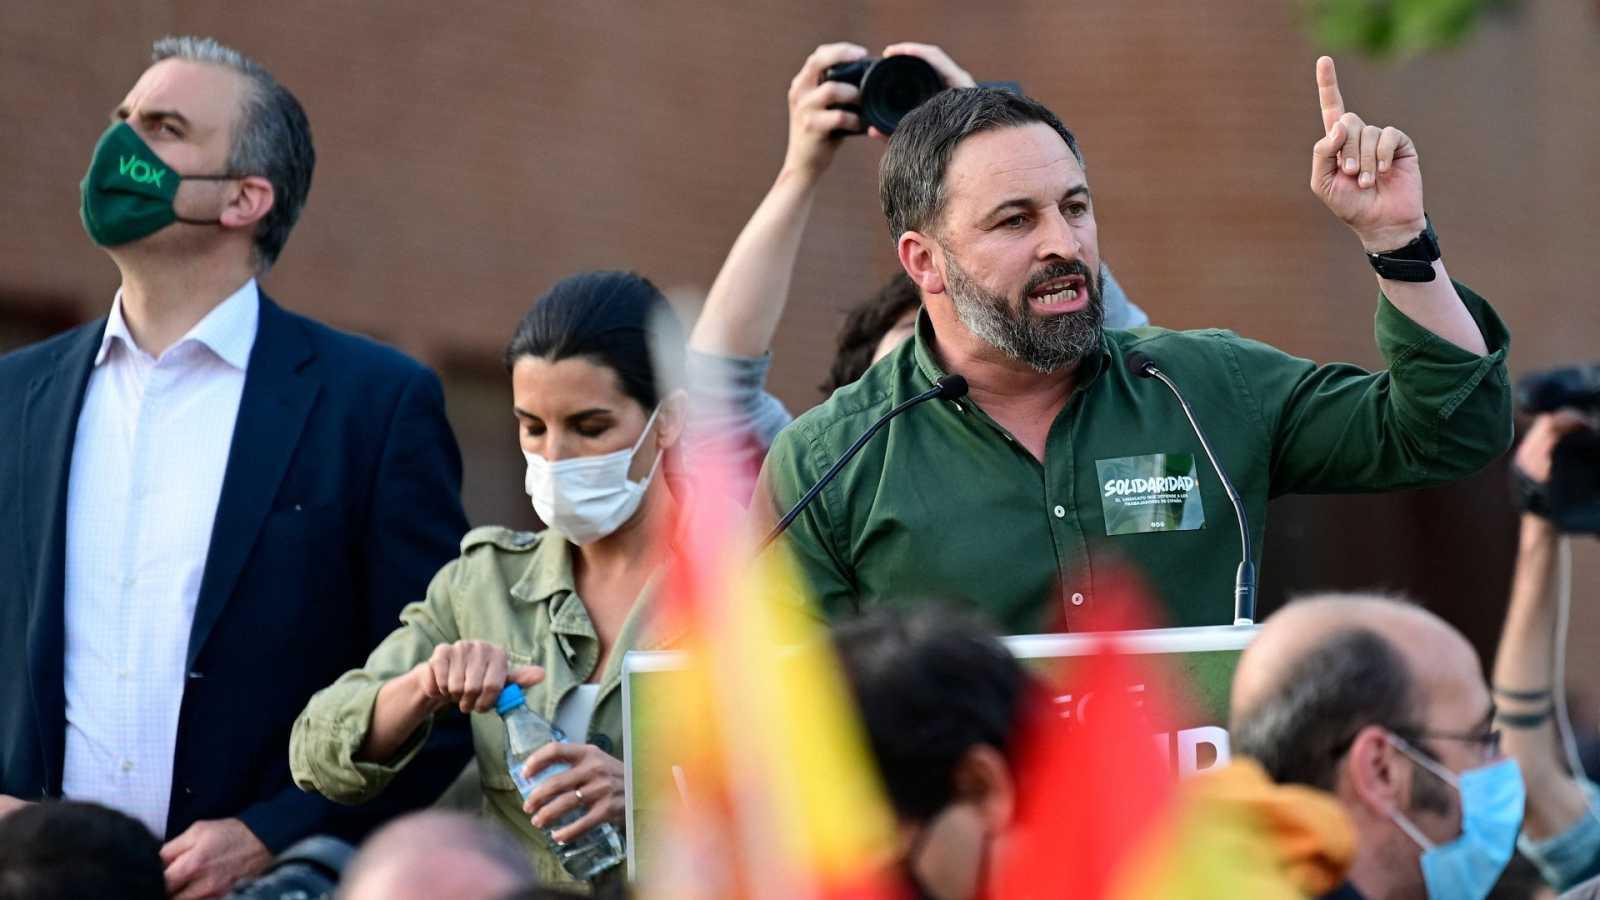 Tensión en el acto de VOX en Vallecas